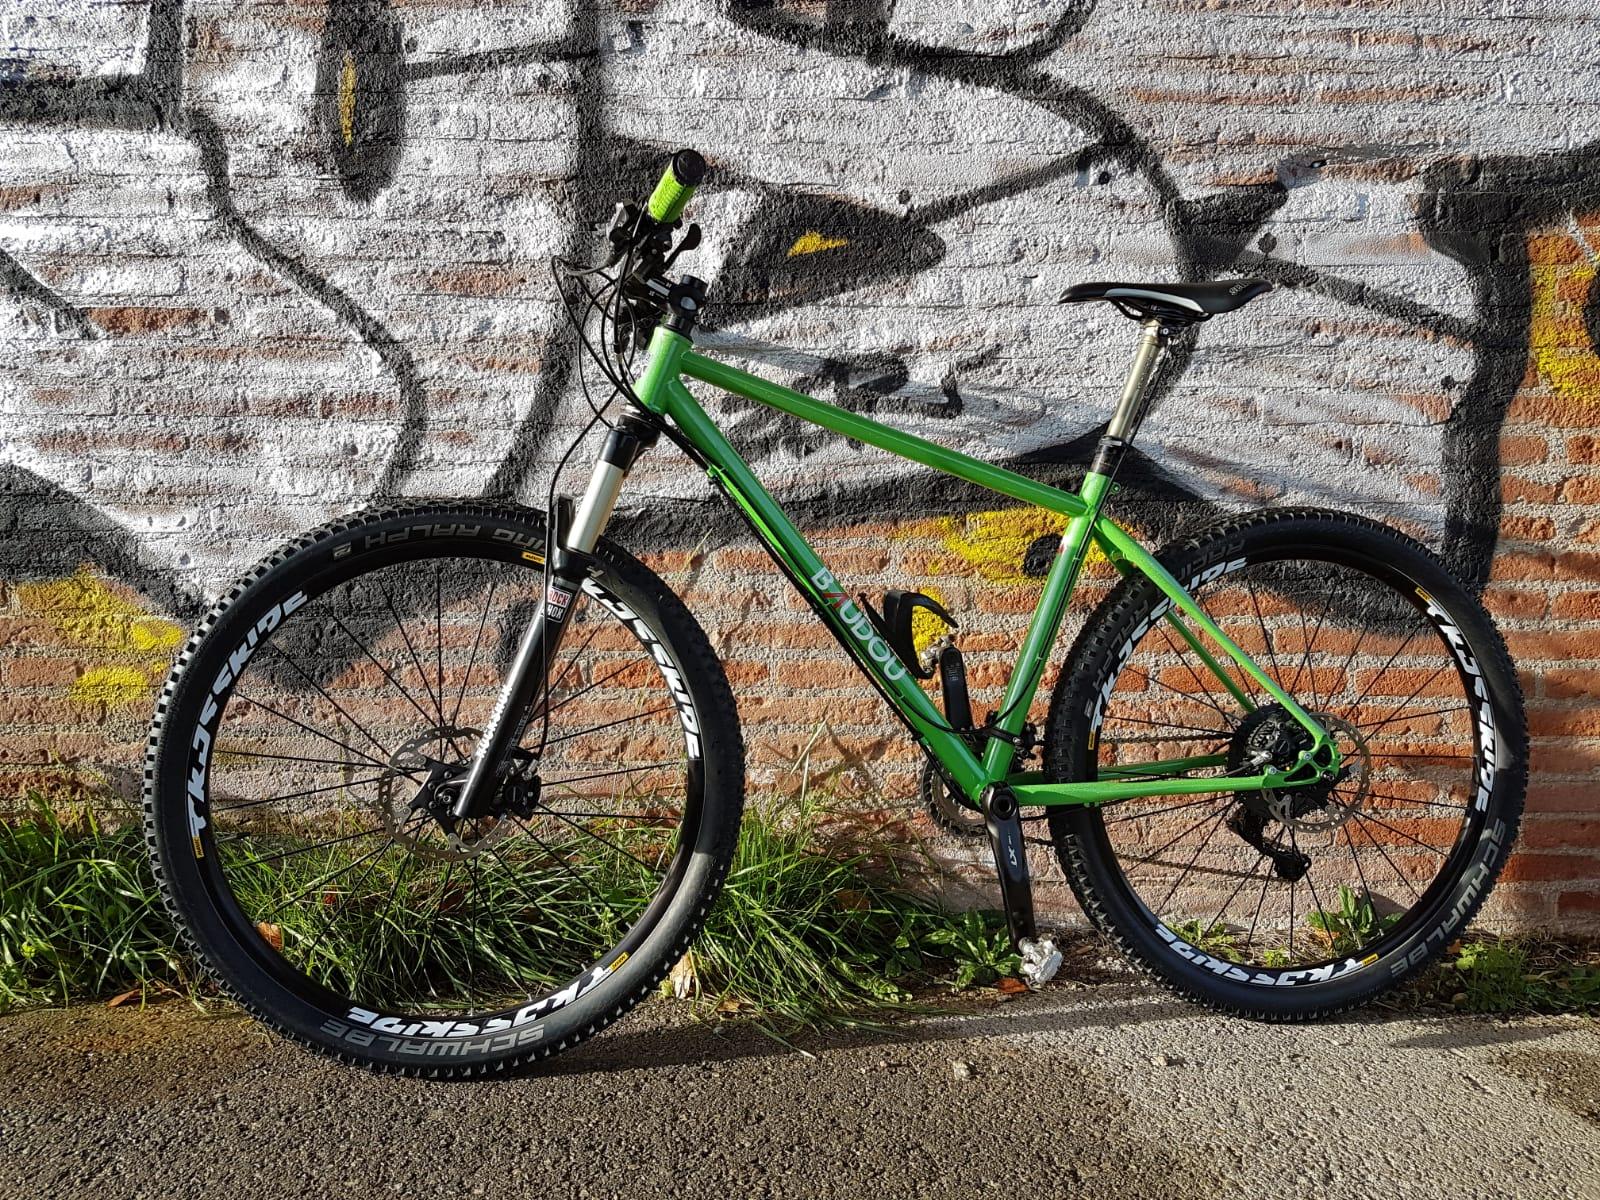 VTT_BAUDOU_Bikes_Cote2